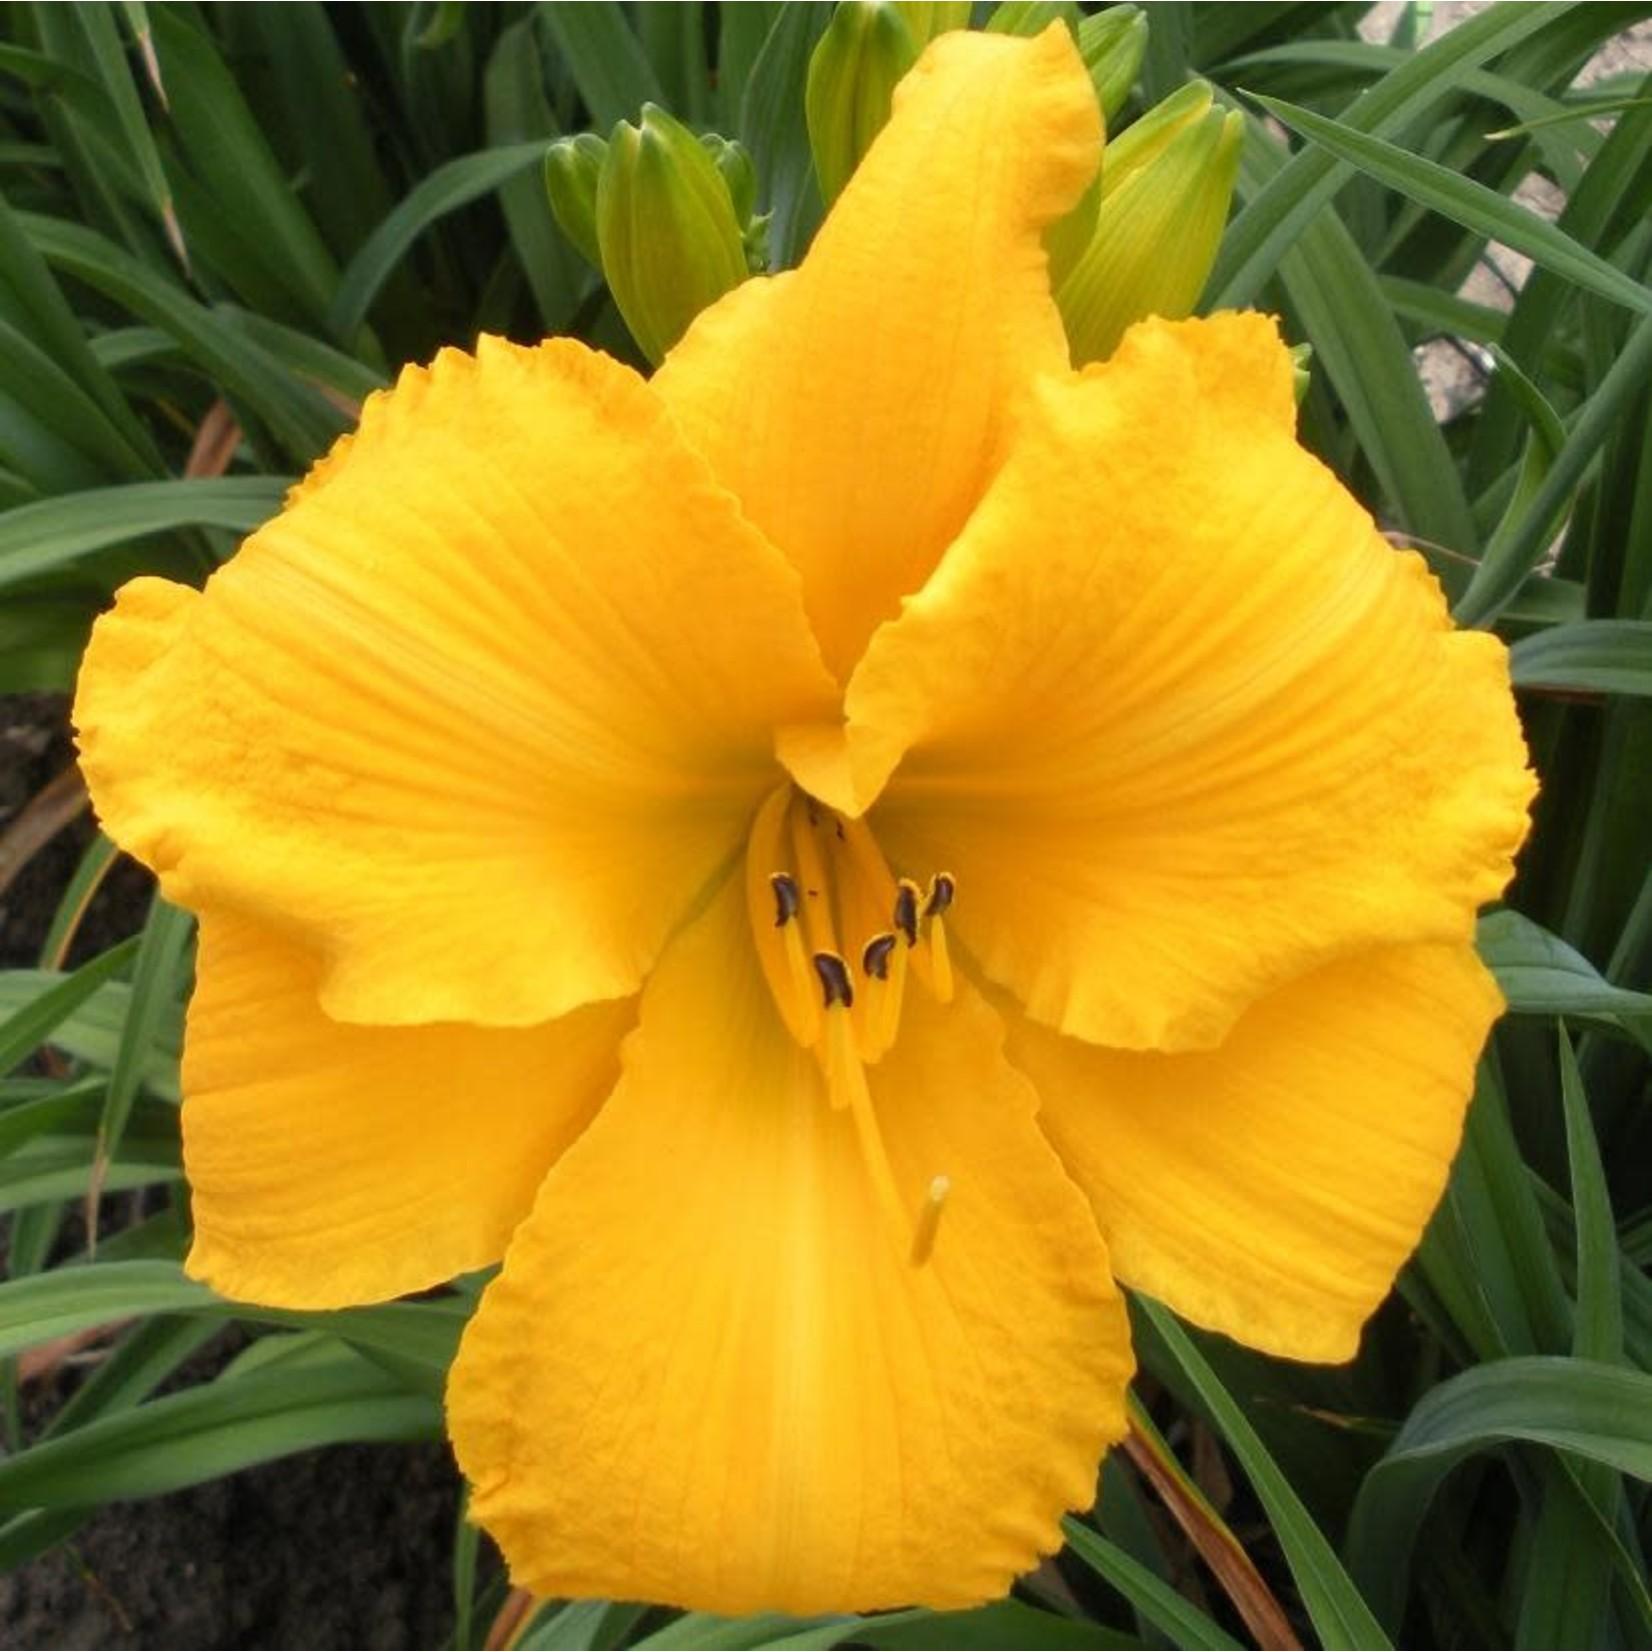 Daylily - Hemerocallis 'Mary's Gold' - 1 gal